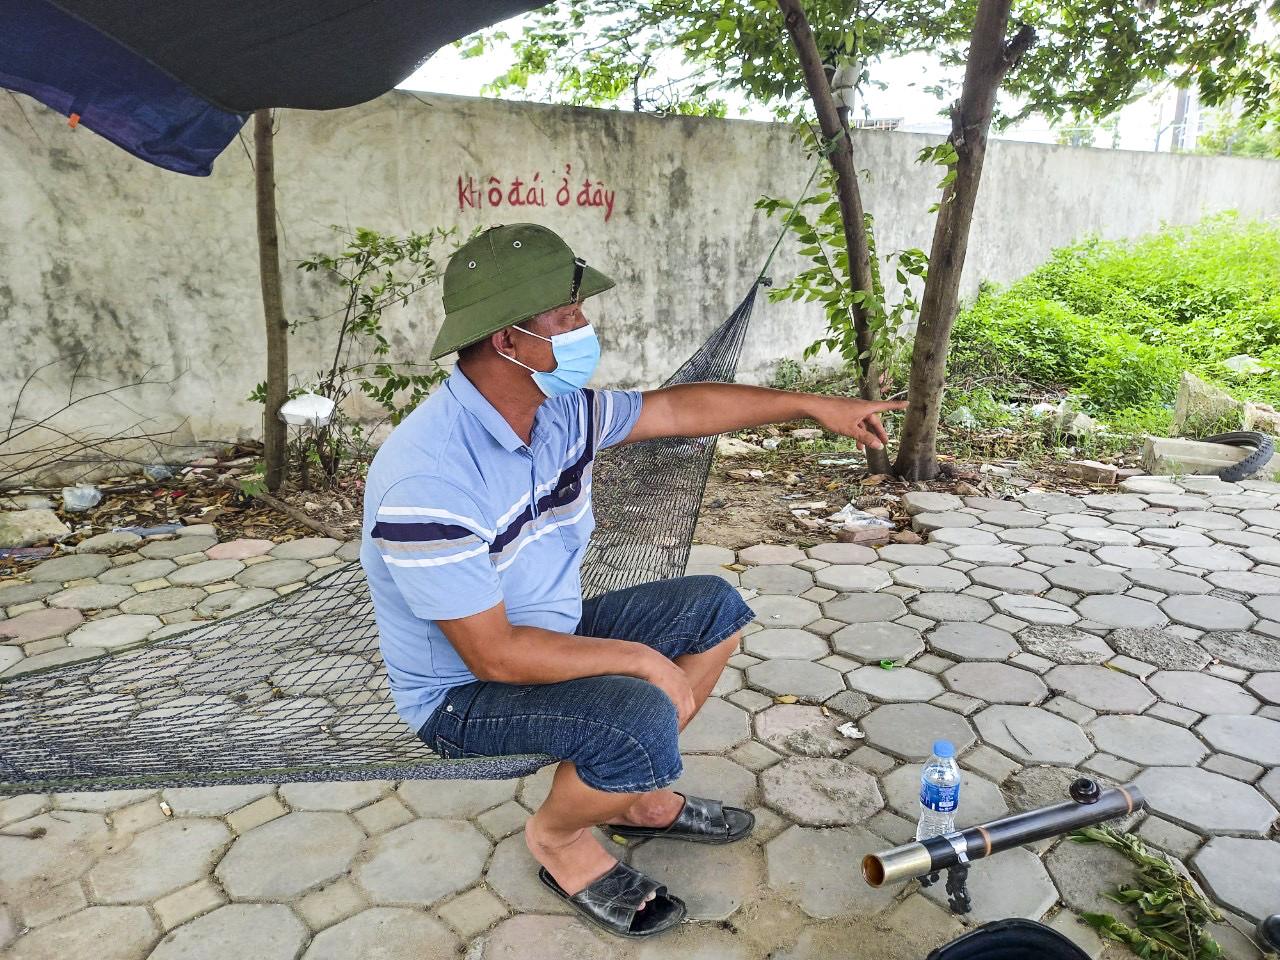 Tên cướp bị truy nã đặc biệt đâm tài xế taxi trọng thương ở Thanh Oai: Tao mới giết người xong - Ảnh 4.